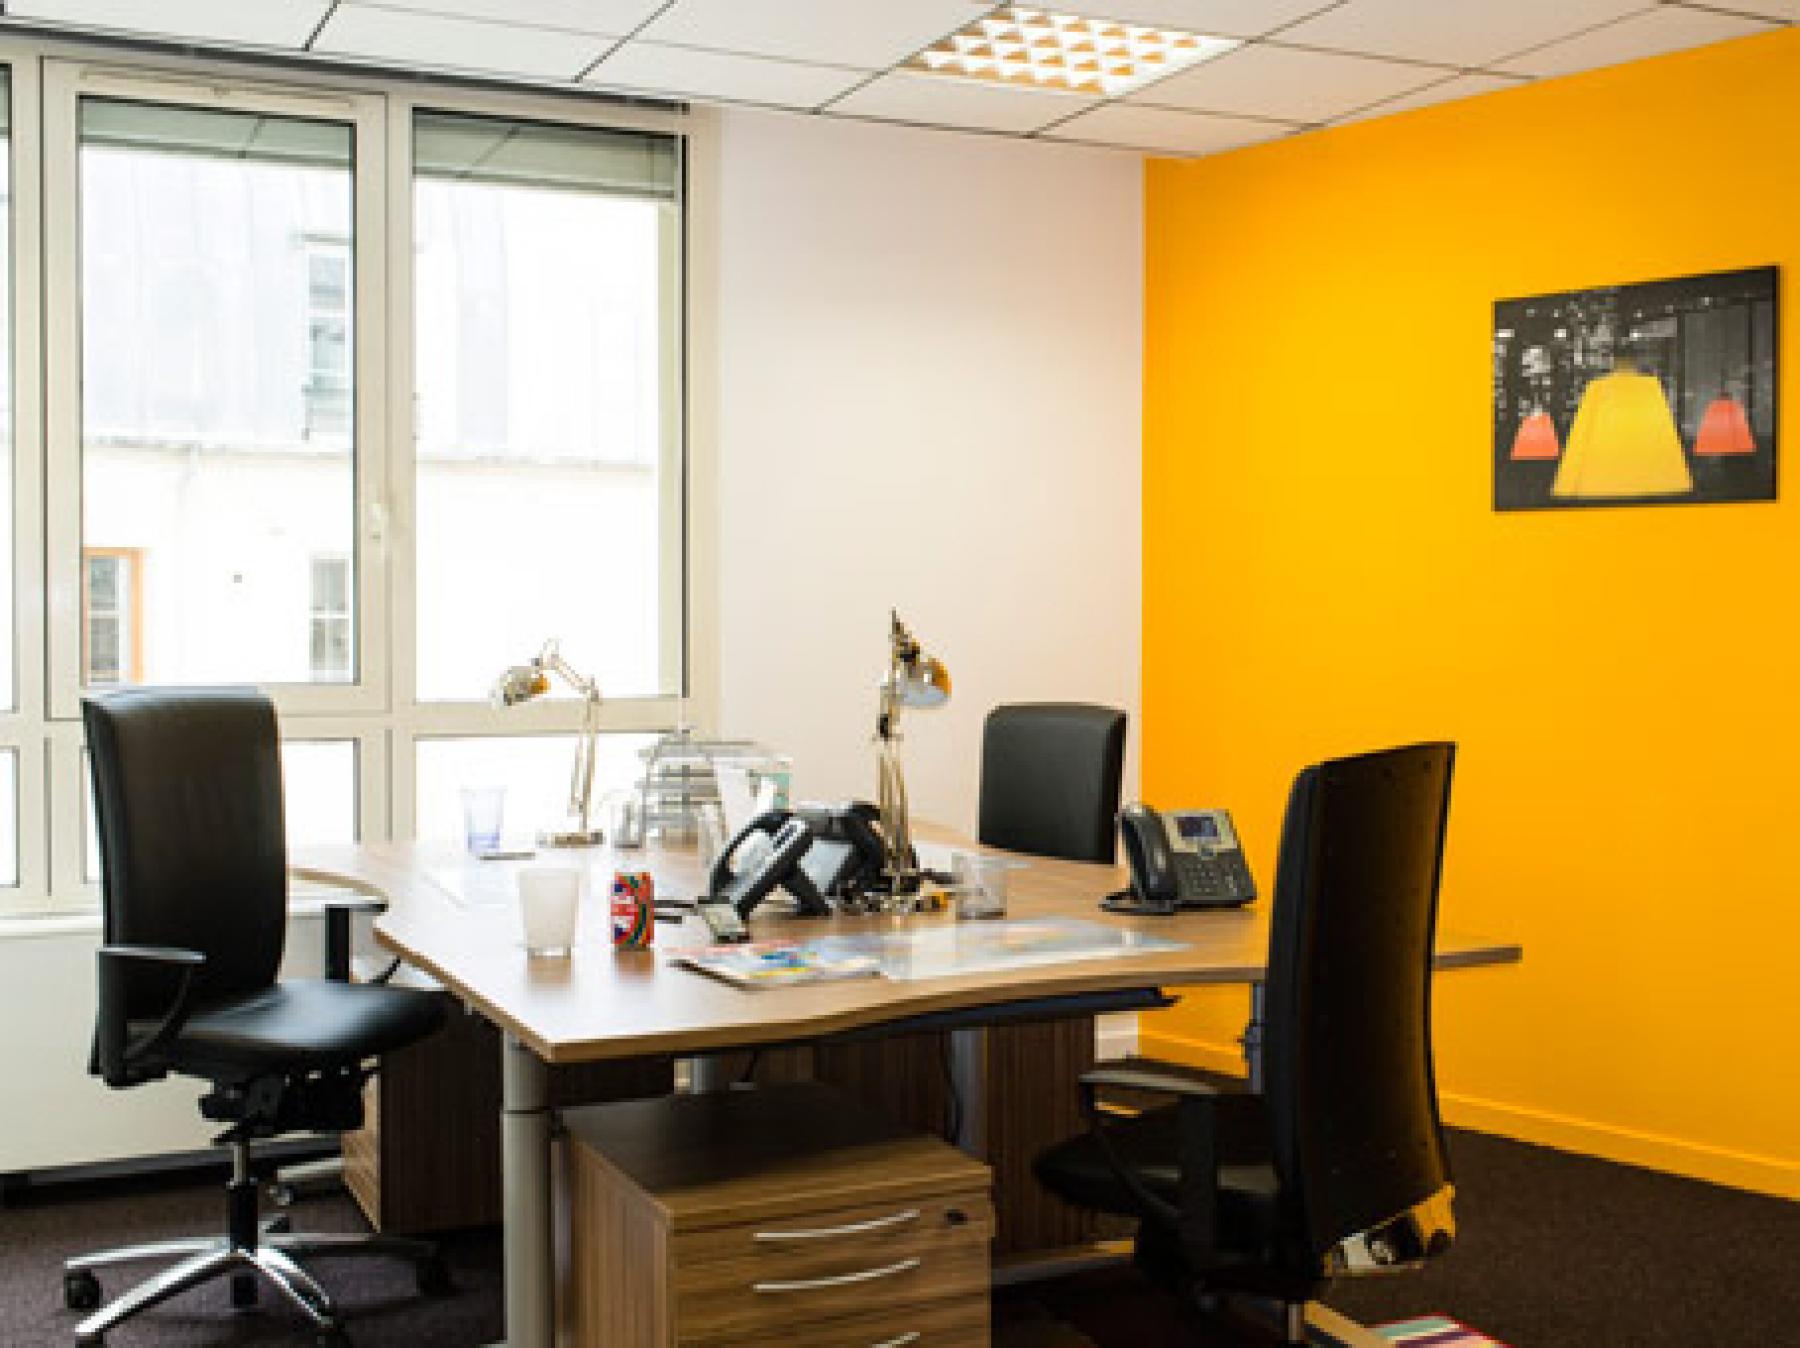 Bureaux partagés aux couleurs vives à la rue du Quatre-Septembre